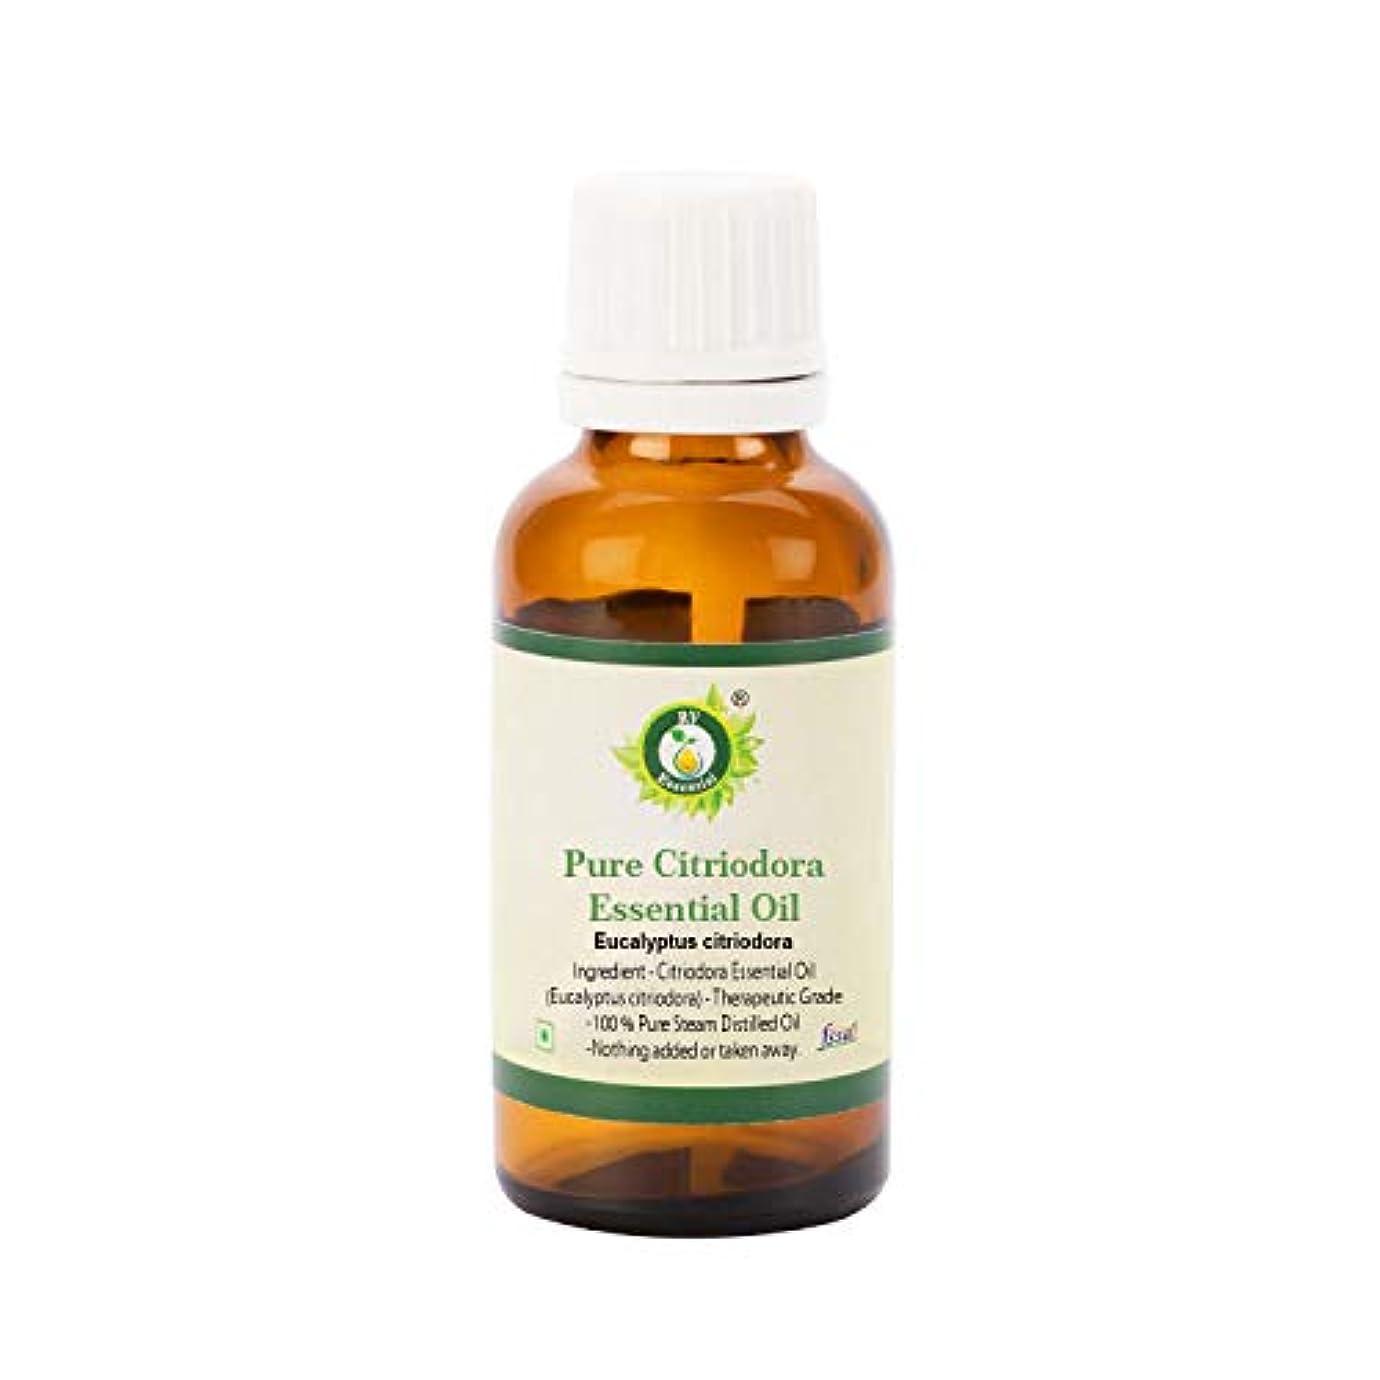 遠洋のビーチ追い付くR V Essential ピュアCitriodoraエッセンシャルオイル30ml (1.01oz)- Eucalyptus citriodora (100%純粋&天然スチームDistilled) Pure Citriodora...